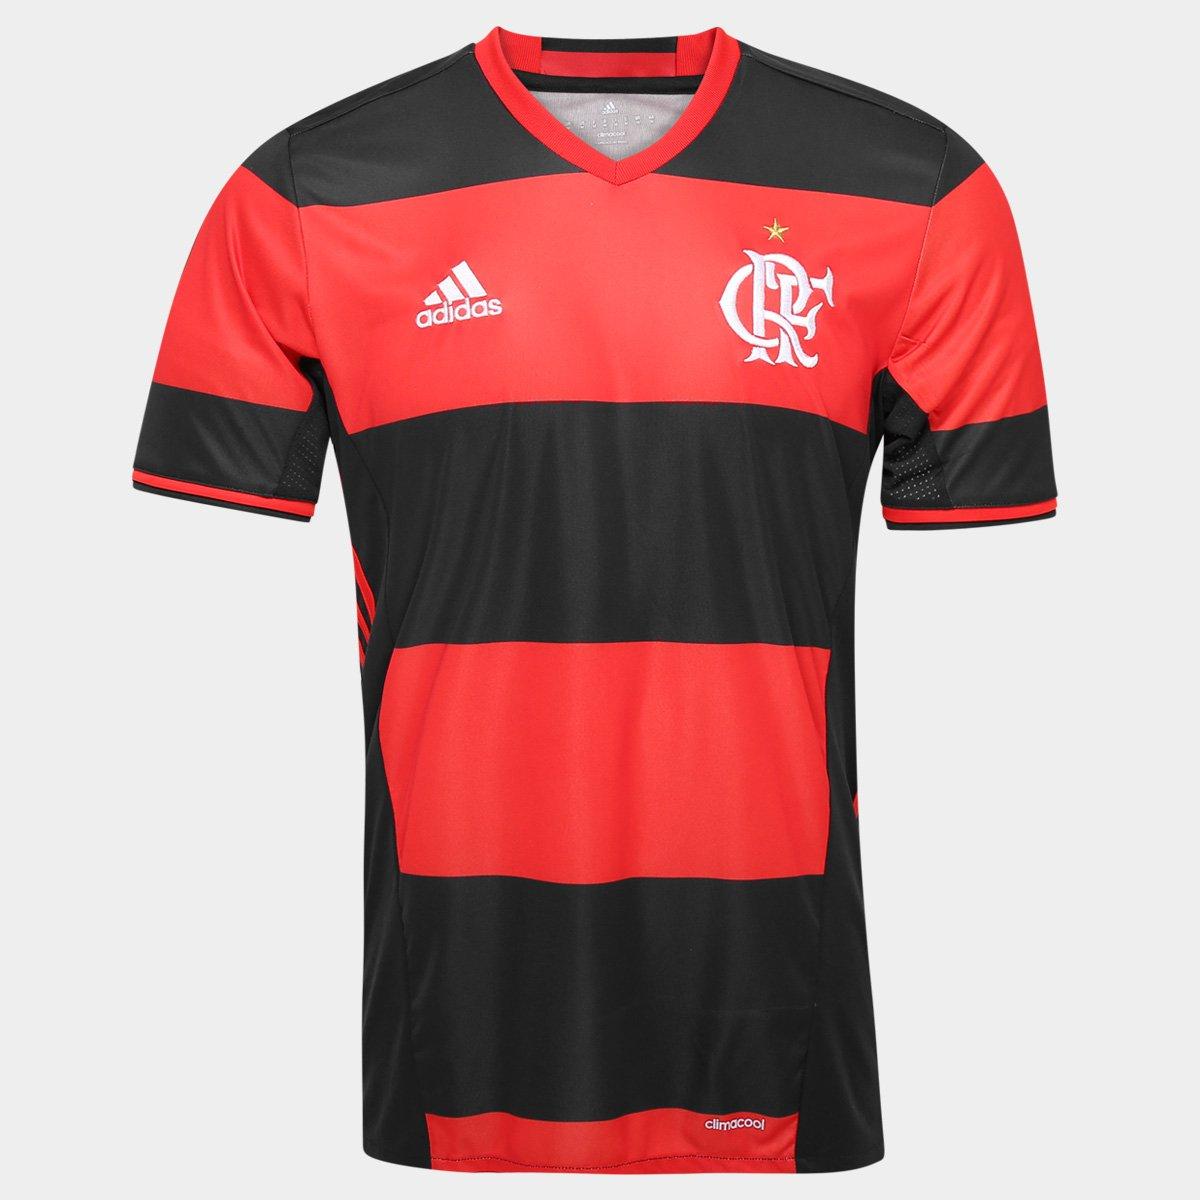 688cff787d Camisa Flamengo I 2016 s nº Torcedor Adidas Masculina - Compre Agora ...